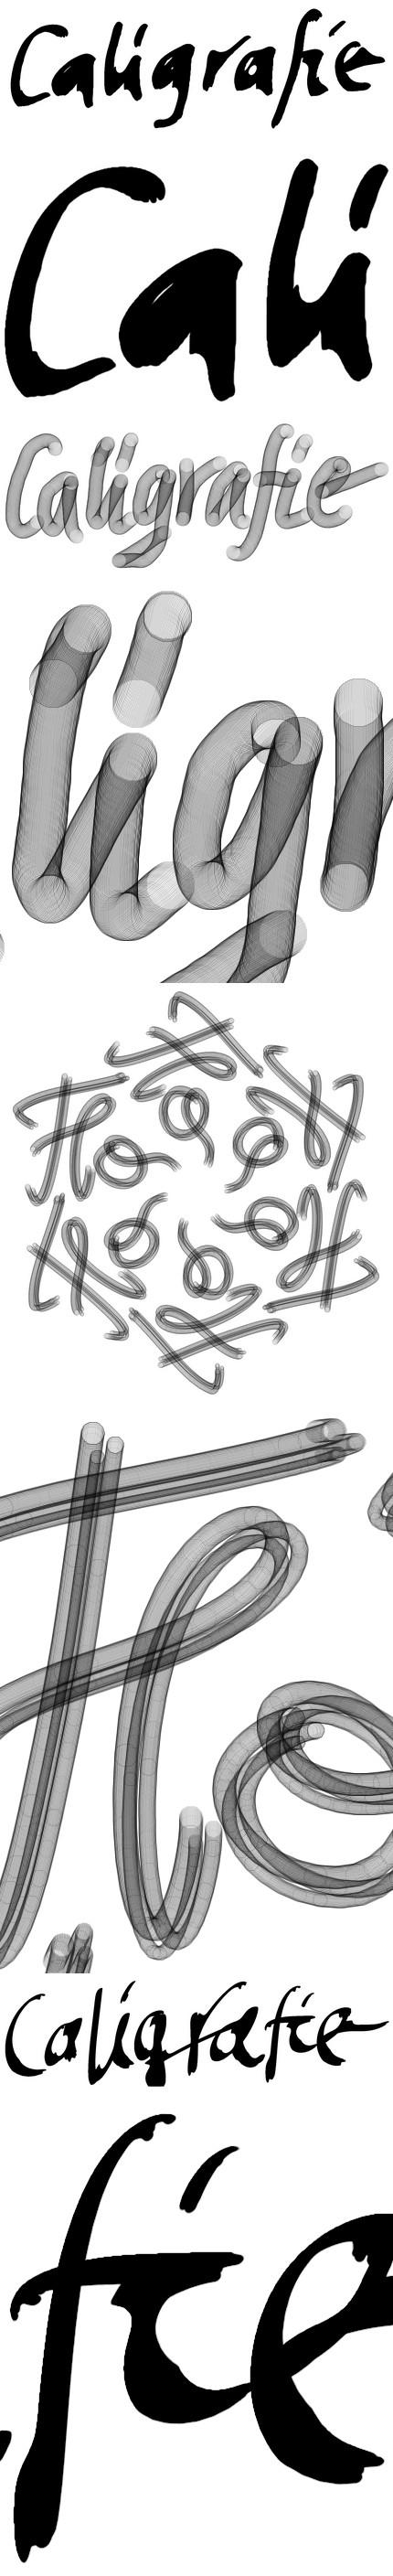 Câteva teste caligrafice şi detalii